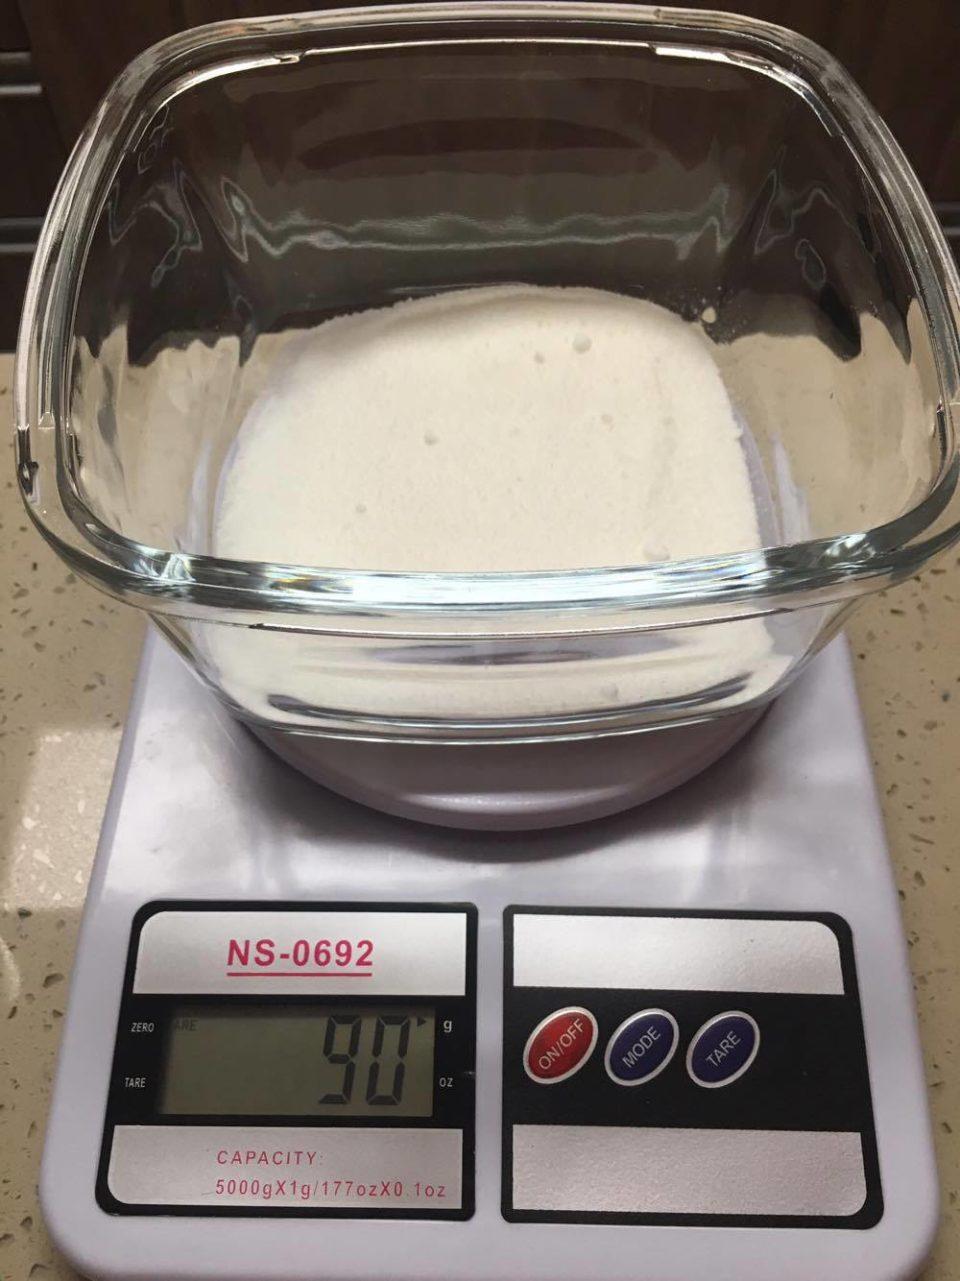 Crème Brûlèe - Como fazer